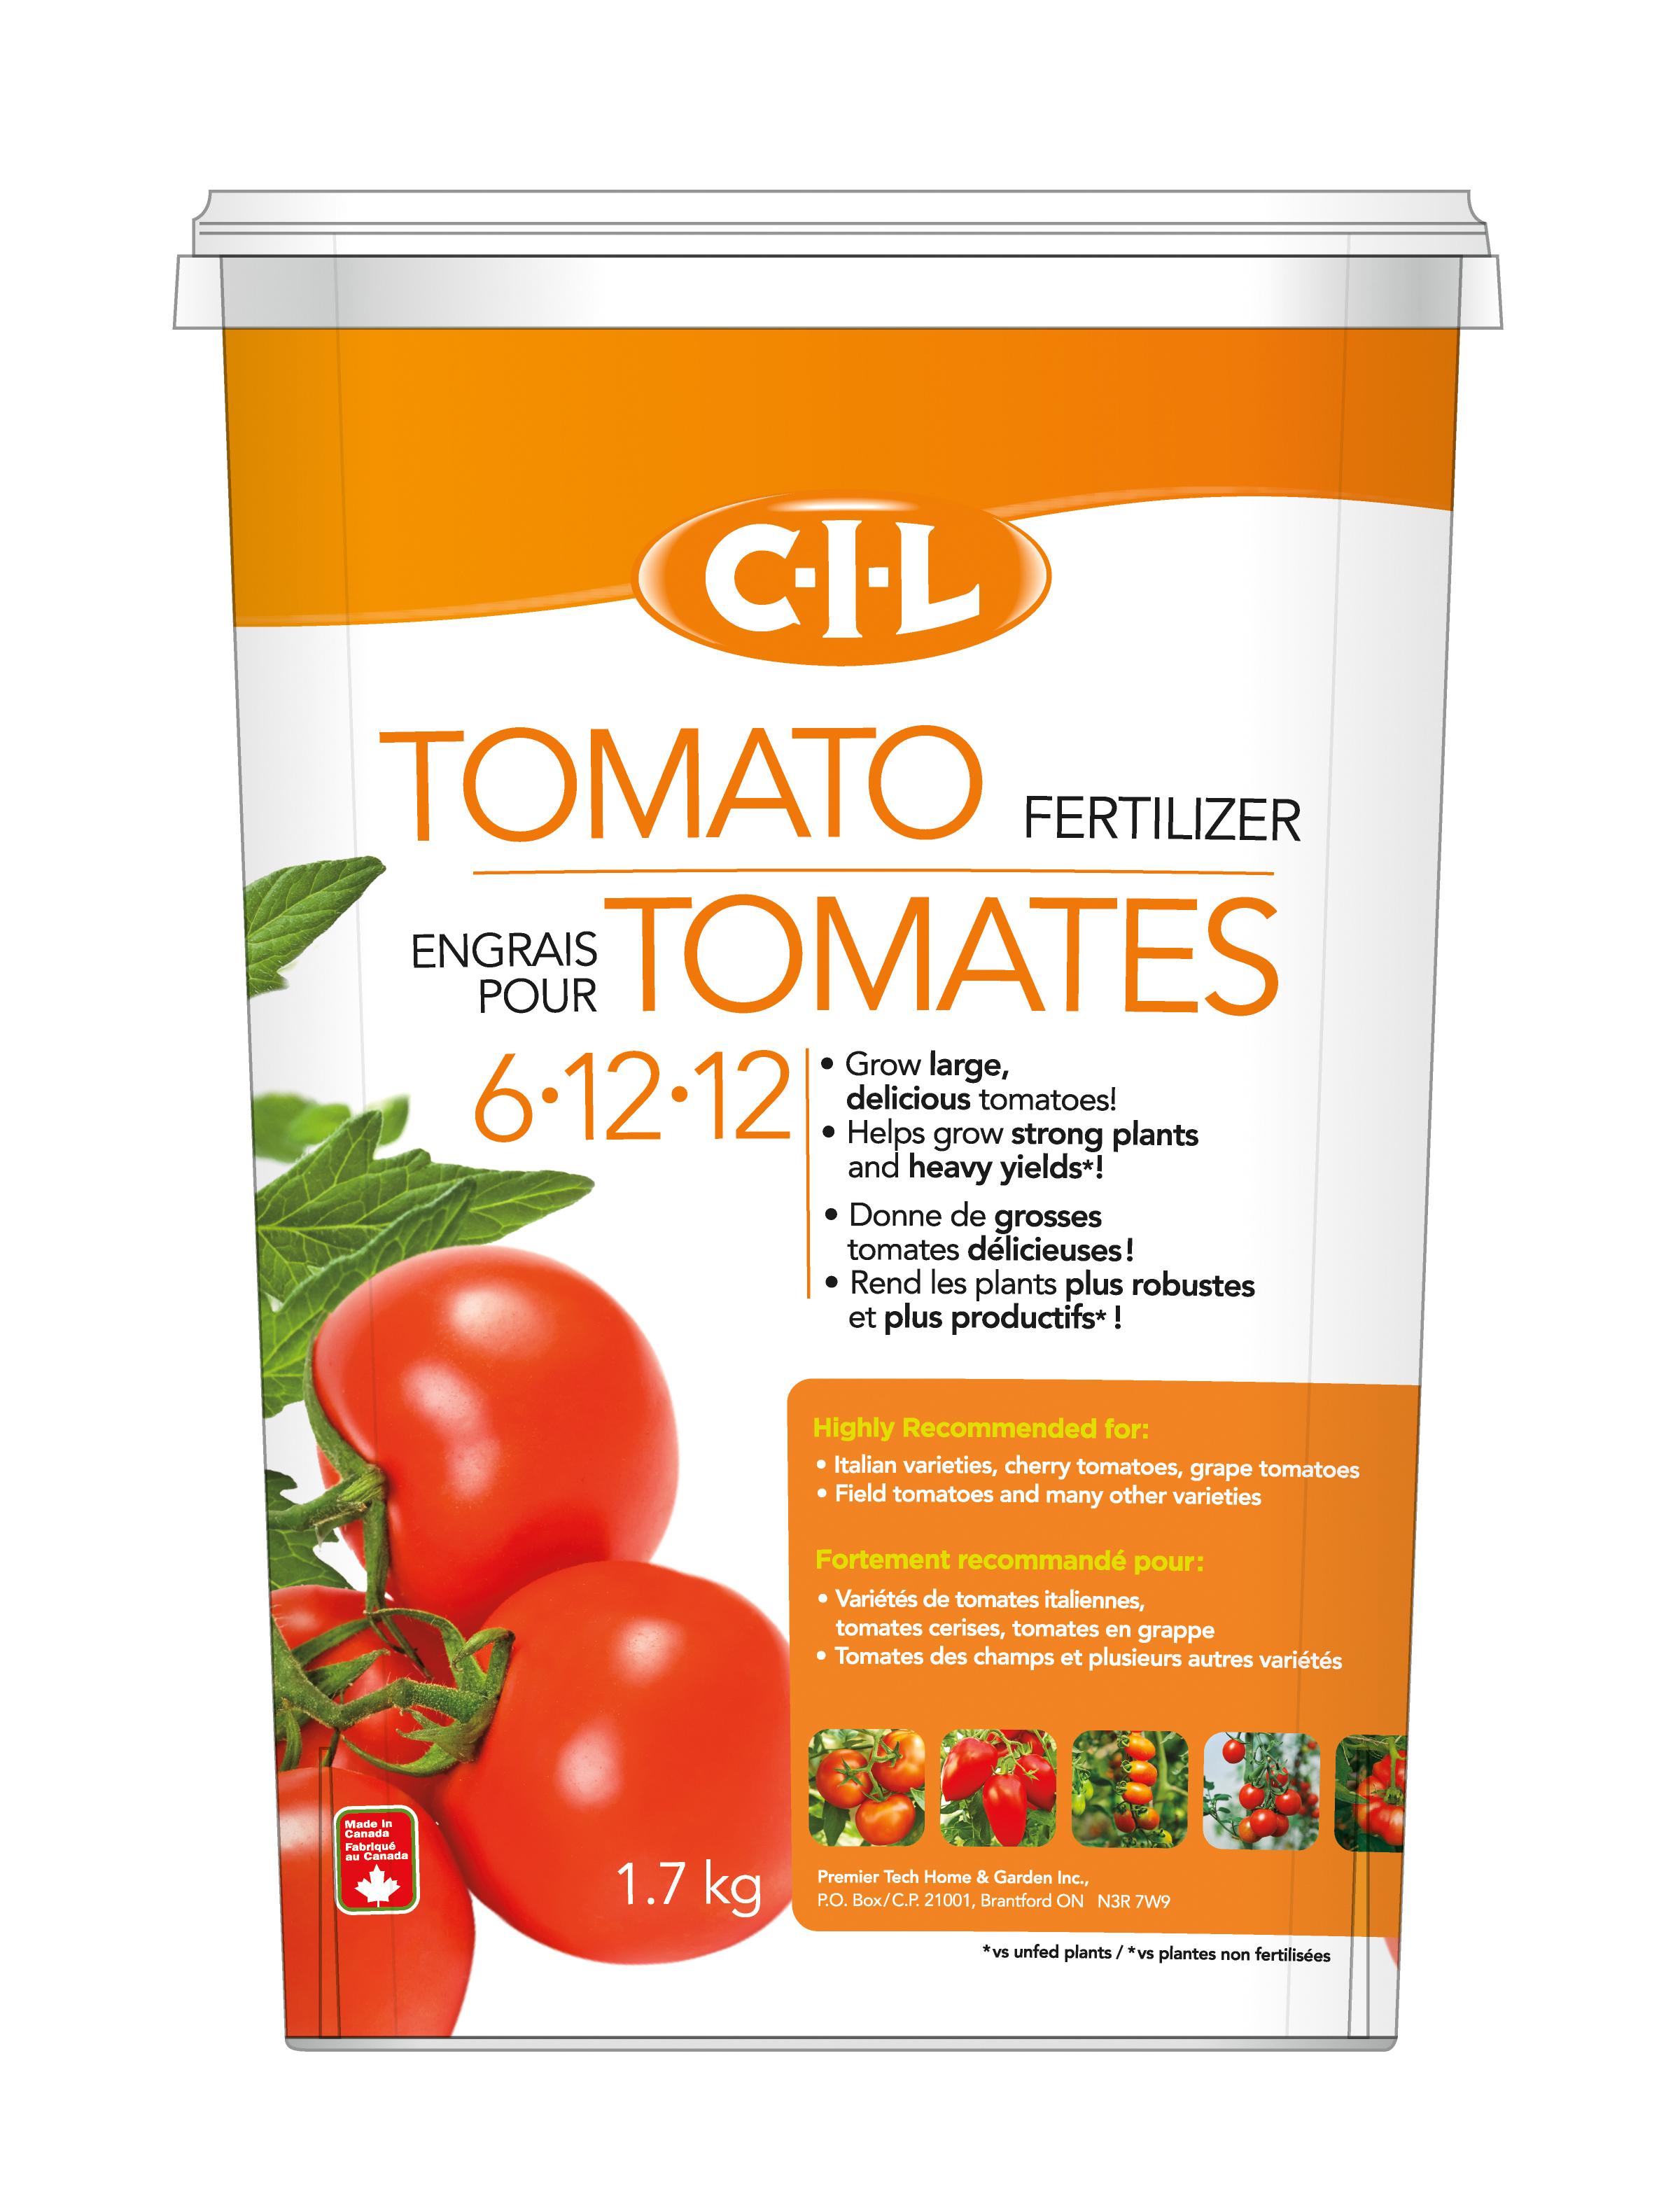 2287420 CIL Tomato Hi ResRGBweb